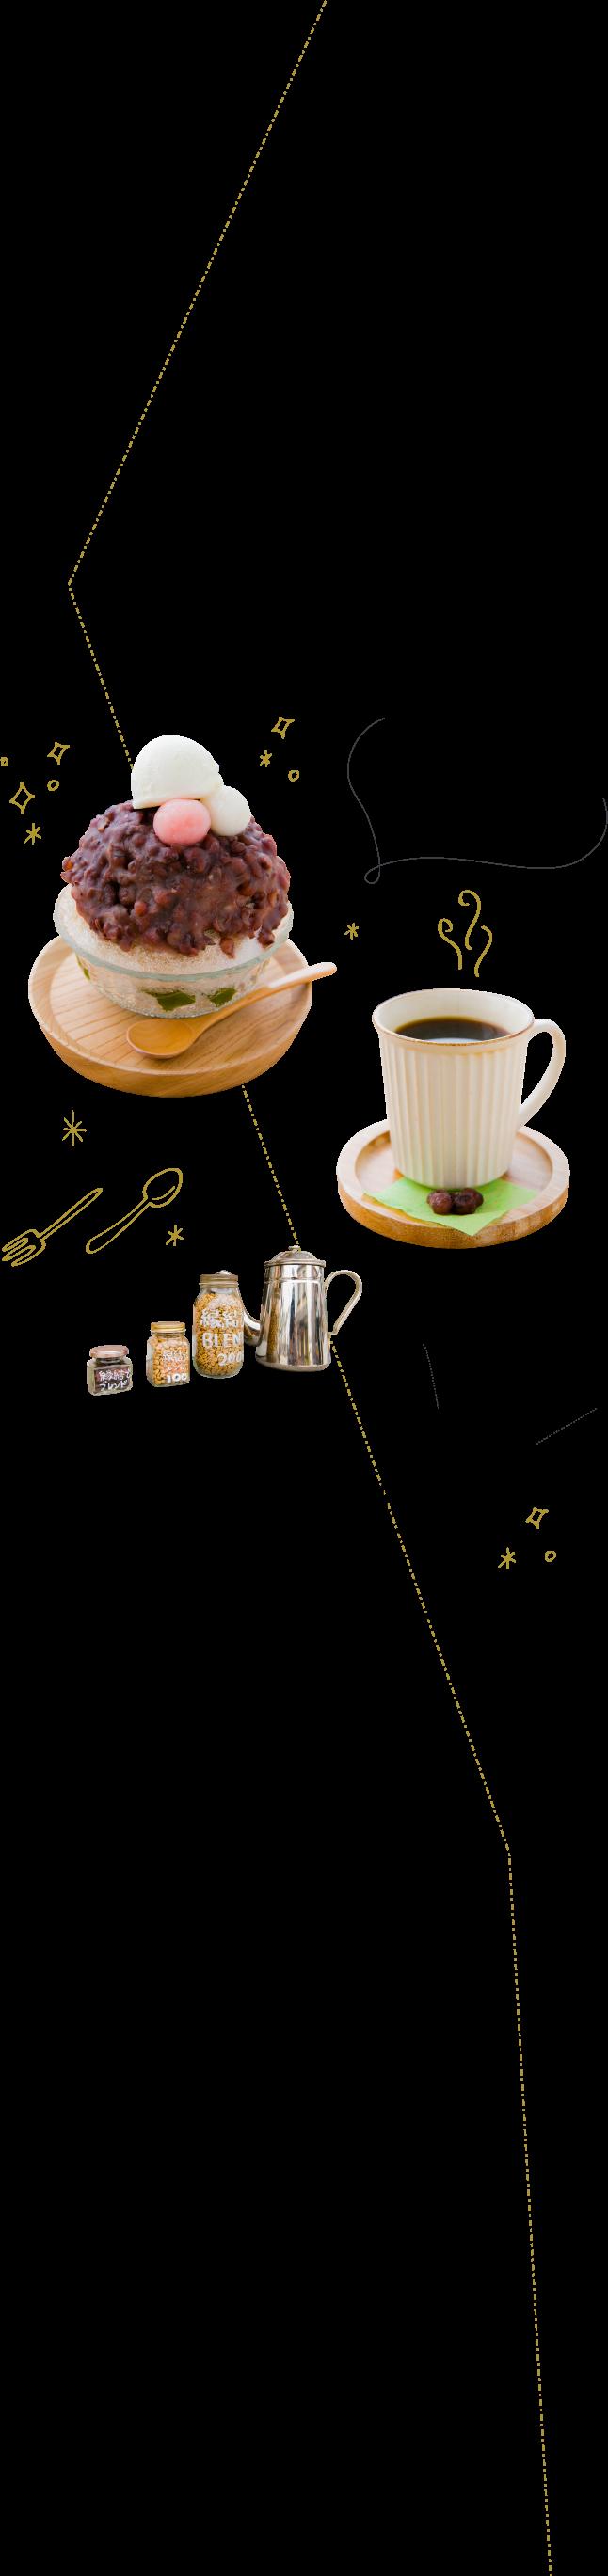 ボリューム満点の出雲ぜんざい氷と自家焙煎コーヒーが人気!テイクアウトもできます♪